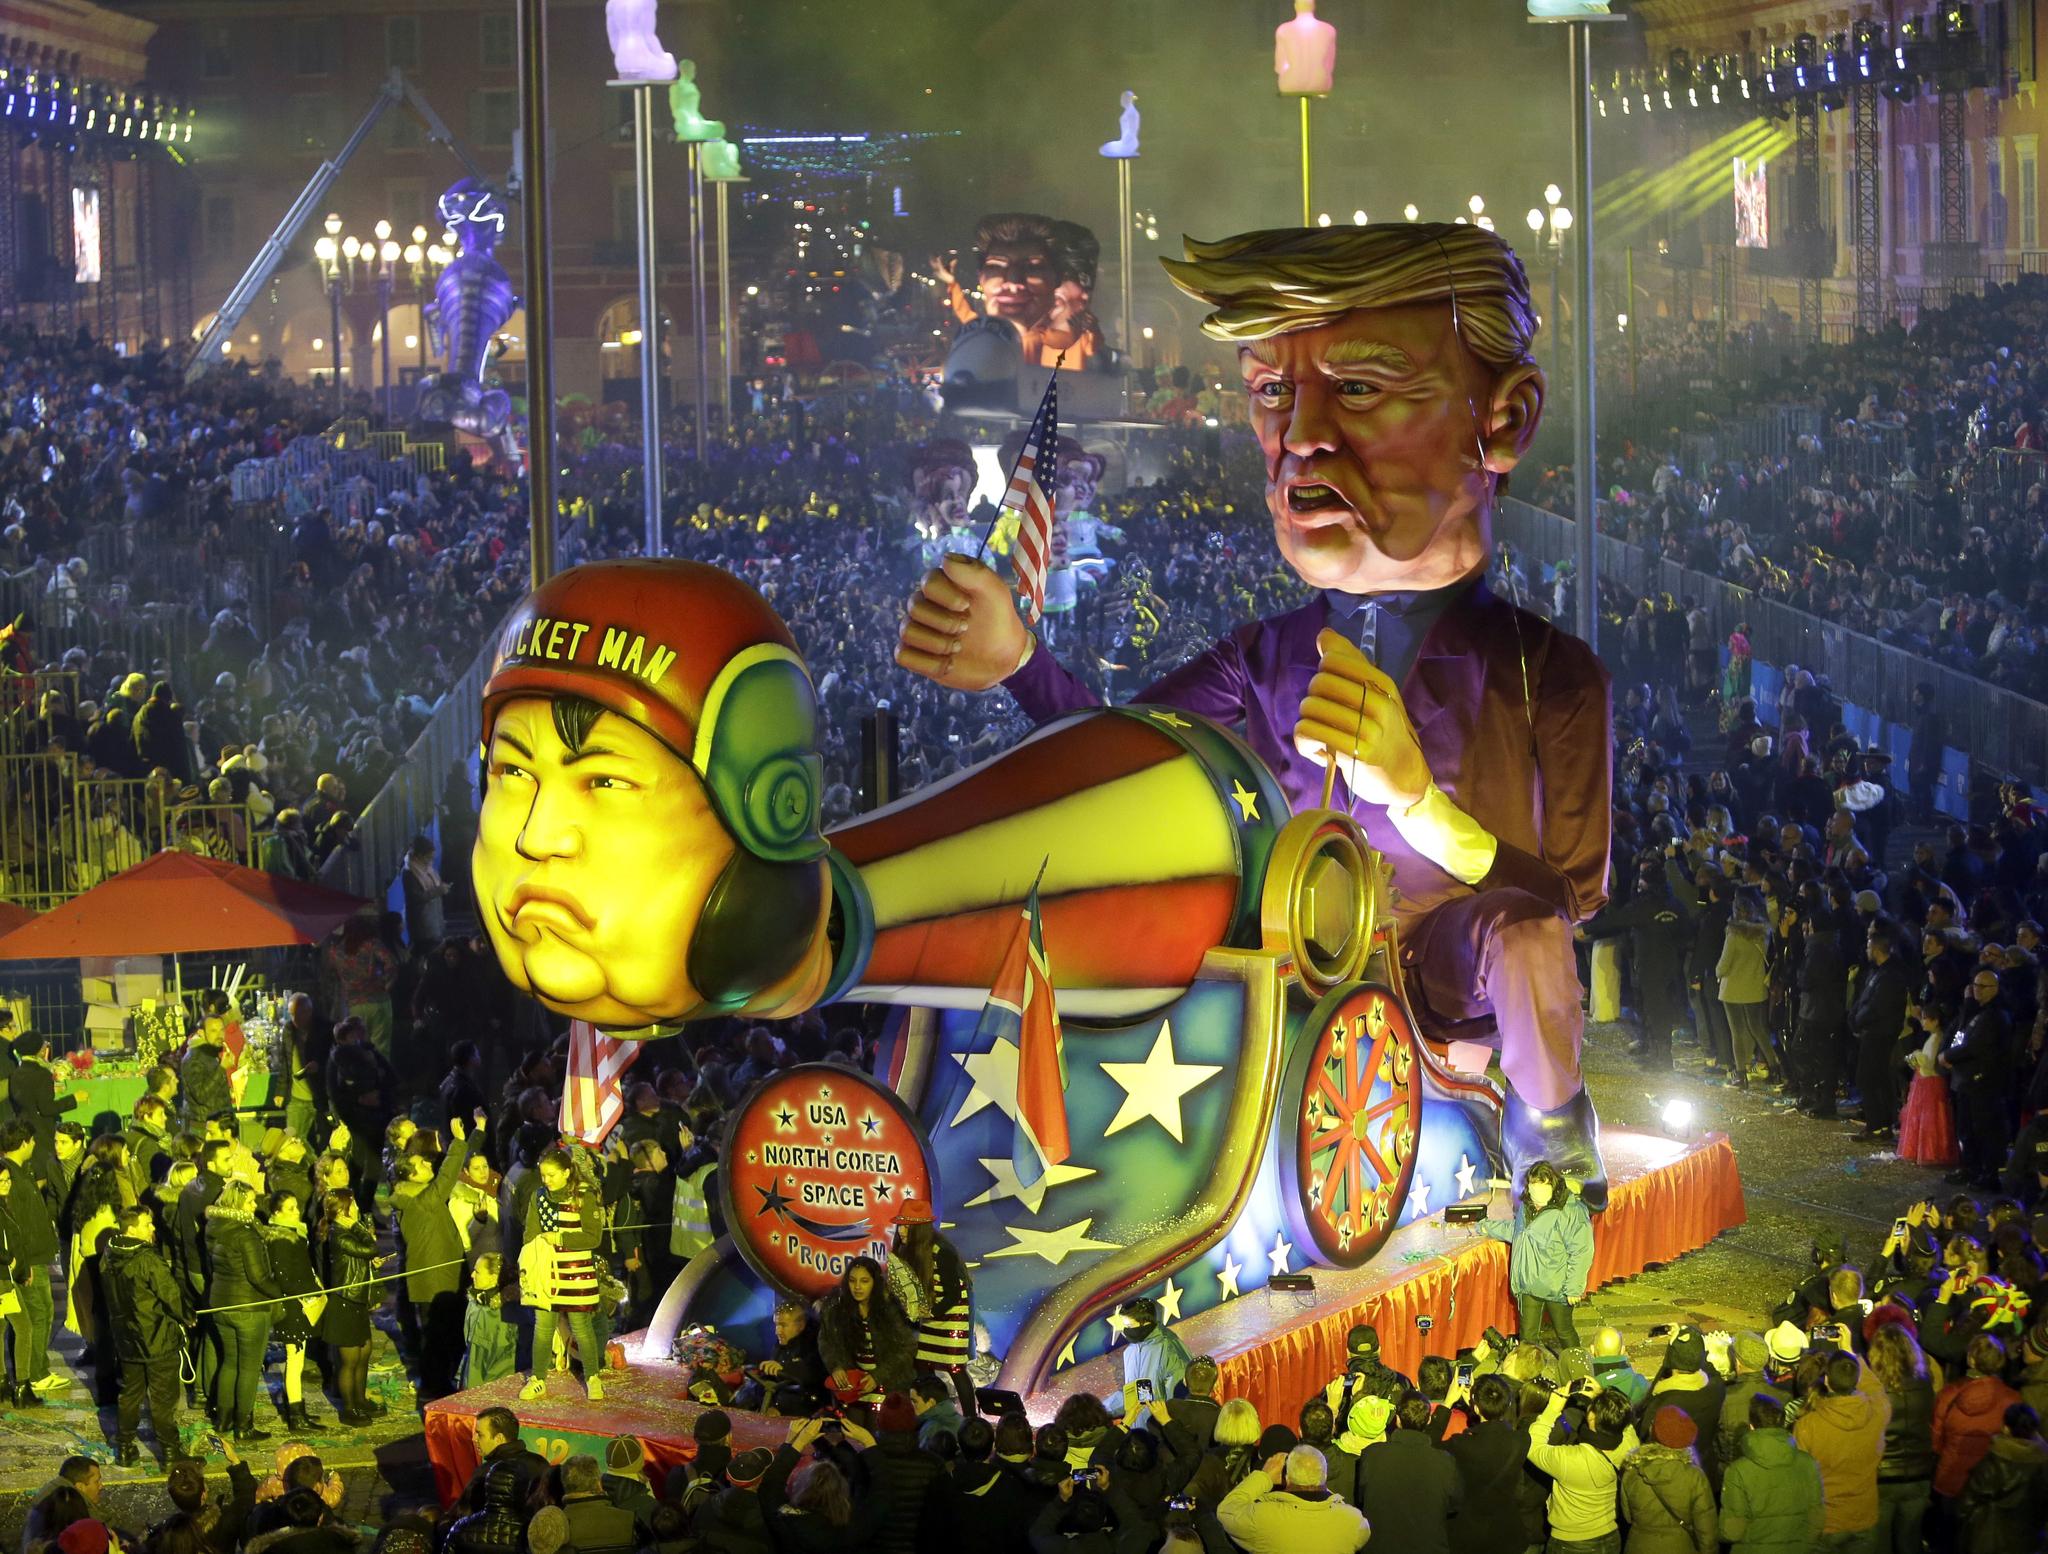 지난해 2월 17일 프랑스에서 열린 니스 카니발에서 등장한 도널드 트럼프 미국 대통령과 김정은 북한 국무위원장의 조형물. 김 위원장이 로켓맨이라 적힌 헬멧을 쓰고 있다. [AP=연합뉴스]